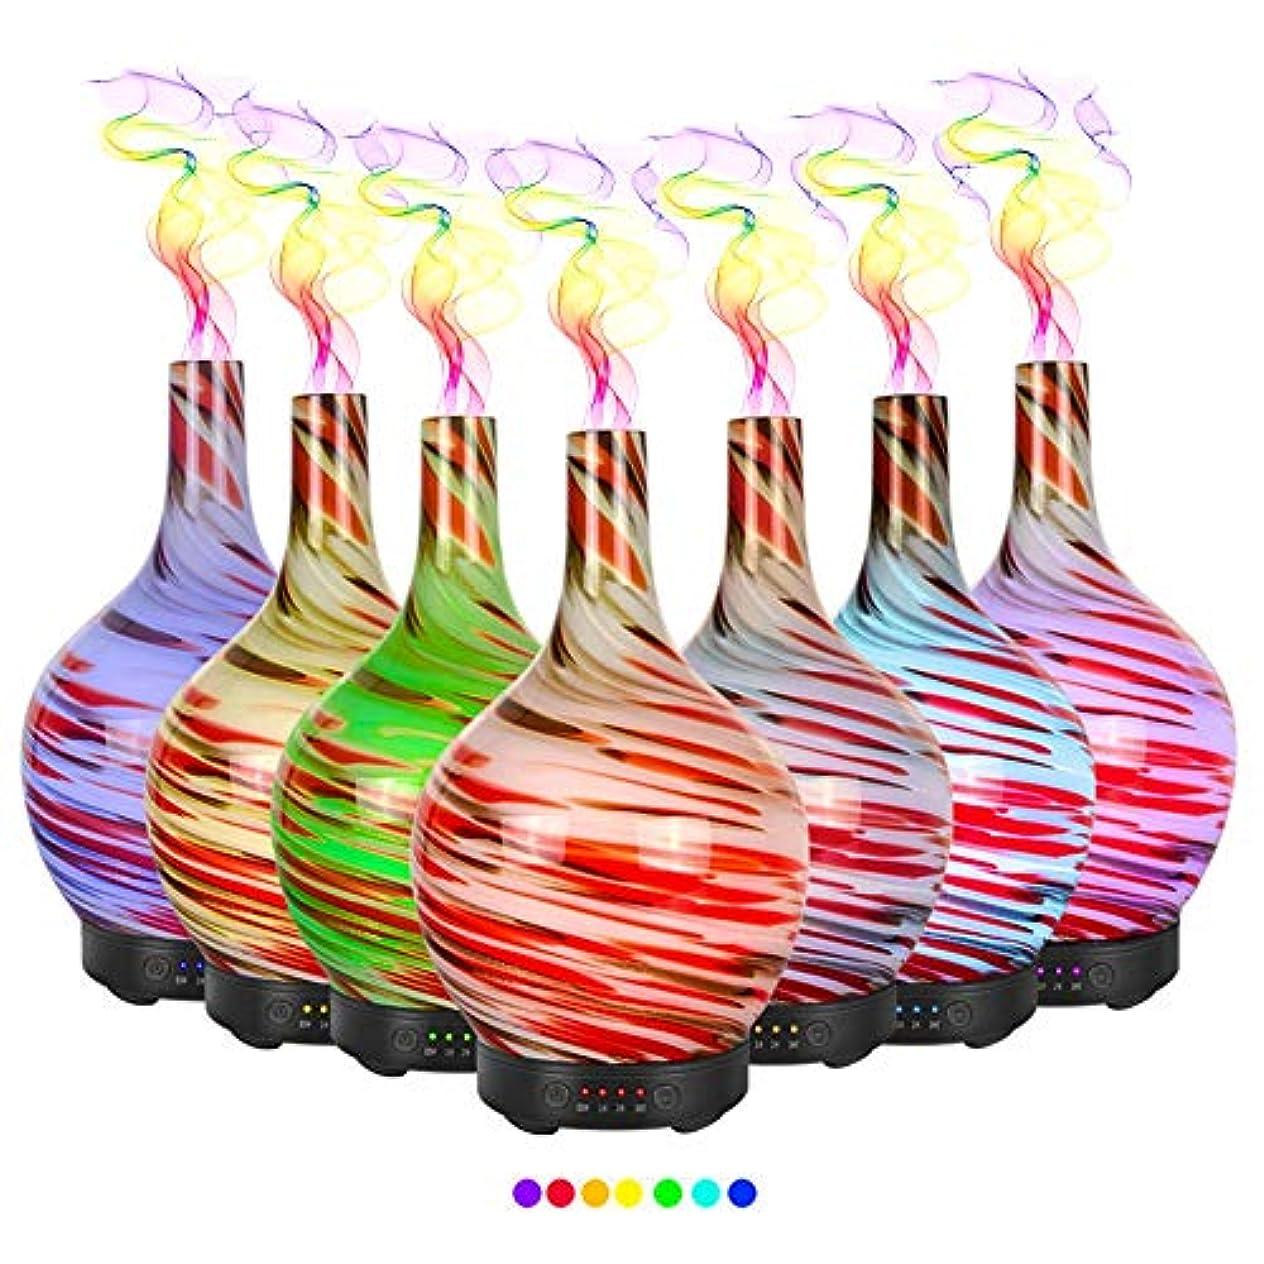 消毒するテーブル簡略化するエッセンシャルオイル用ディフューザー (100ml)-3d アートガラス油絵アロマ加湿器7色の変更 LED ライト & 4 タイマー設定、水なしオートシャットオフ